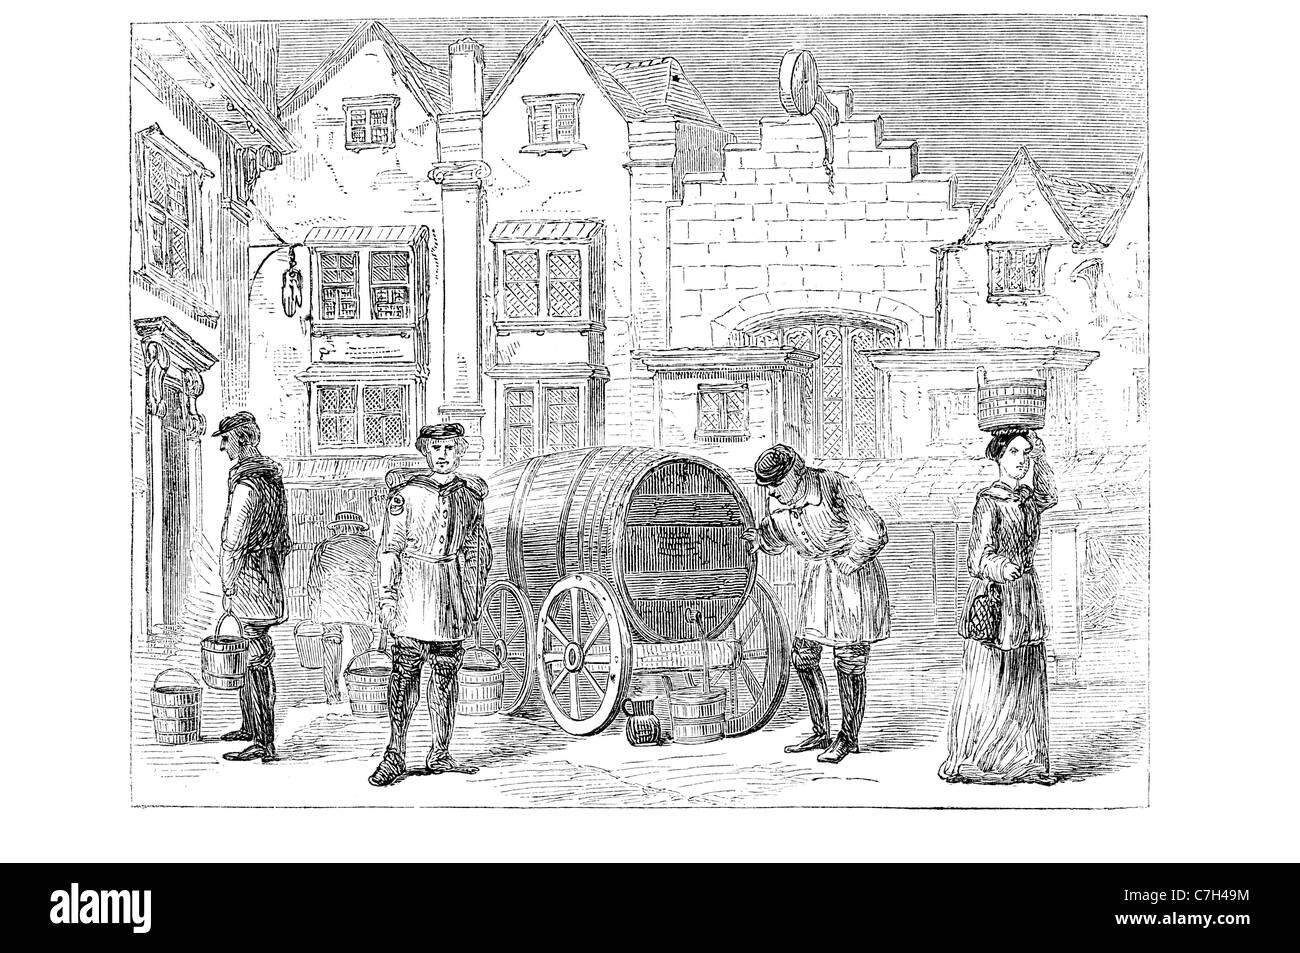 Vieux Londres porteur d'eau à partir de la gravure ancienne Photo Stock